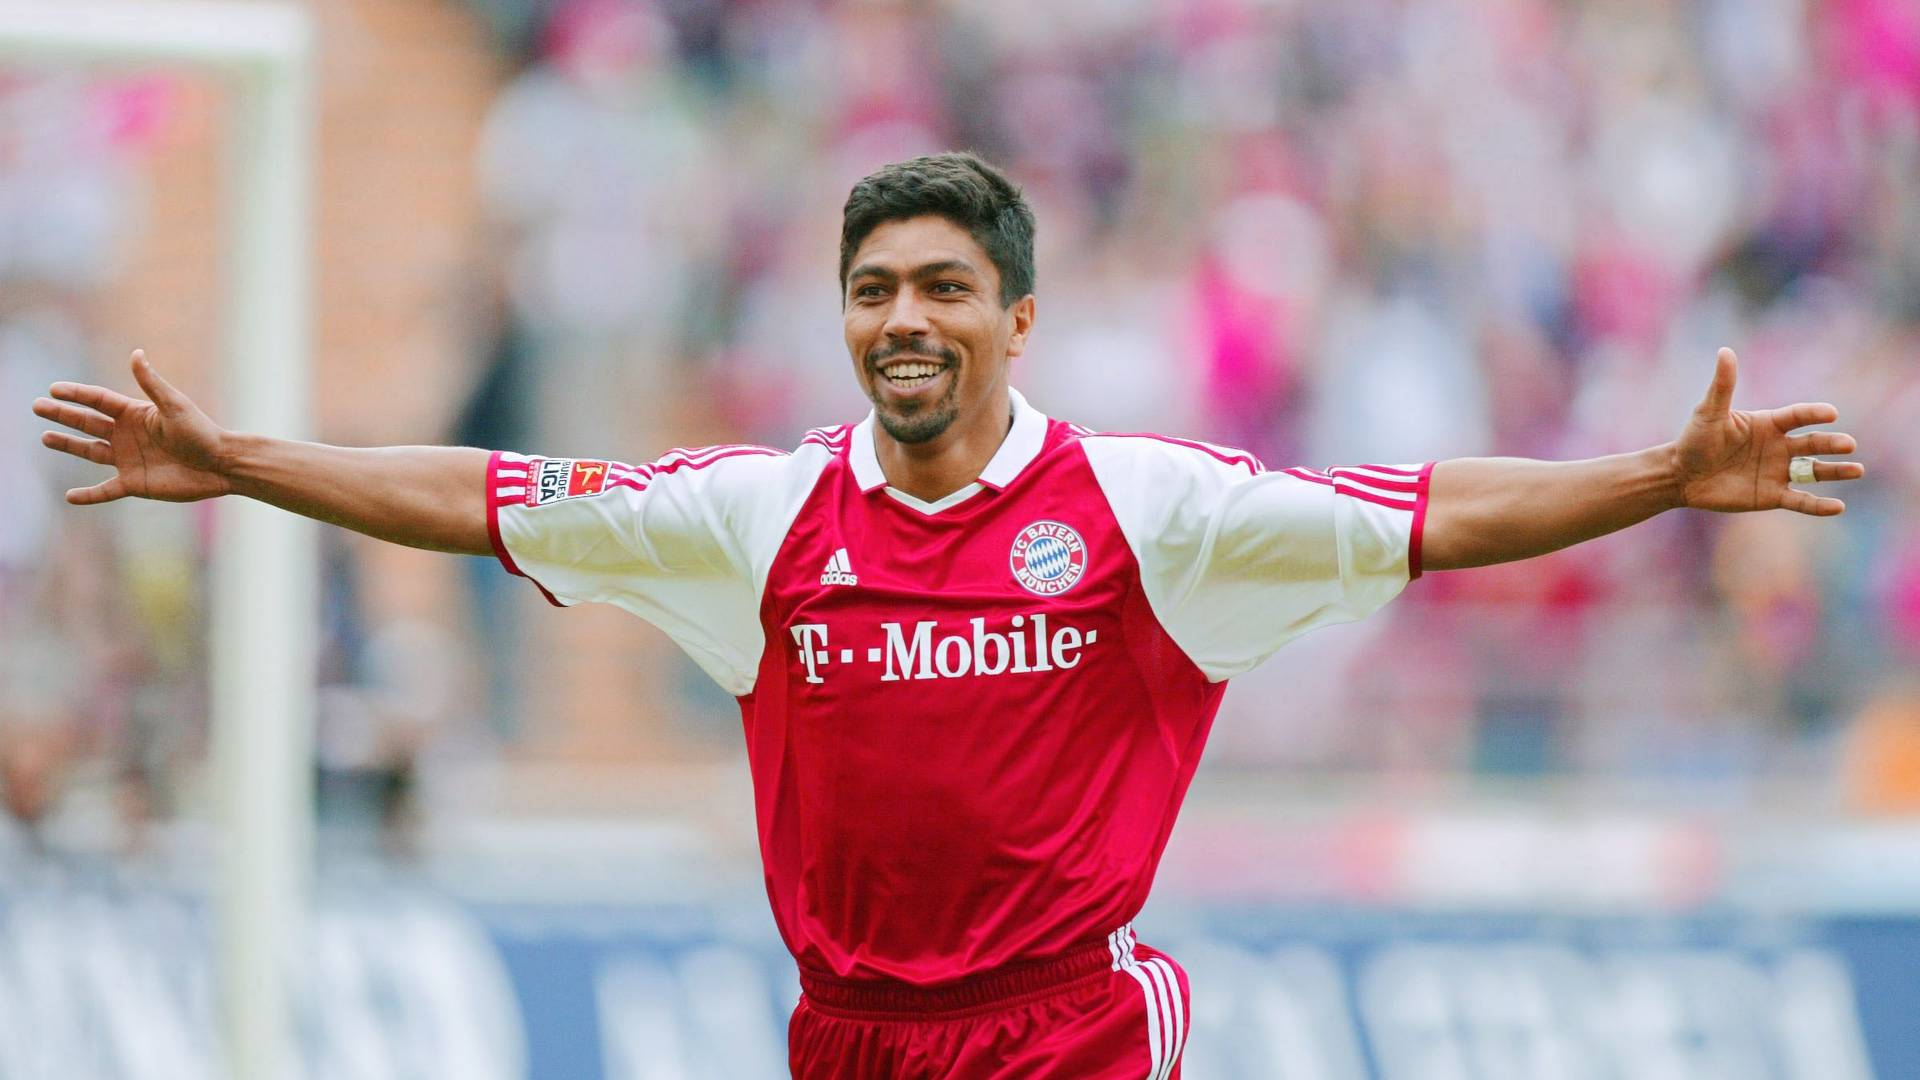 Élbero comandou o Bayern por muito tempo. Foto: Divulgação/Bayern de Munique